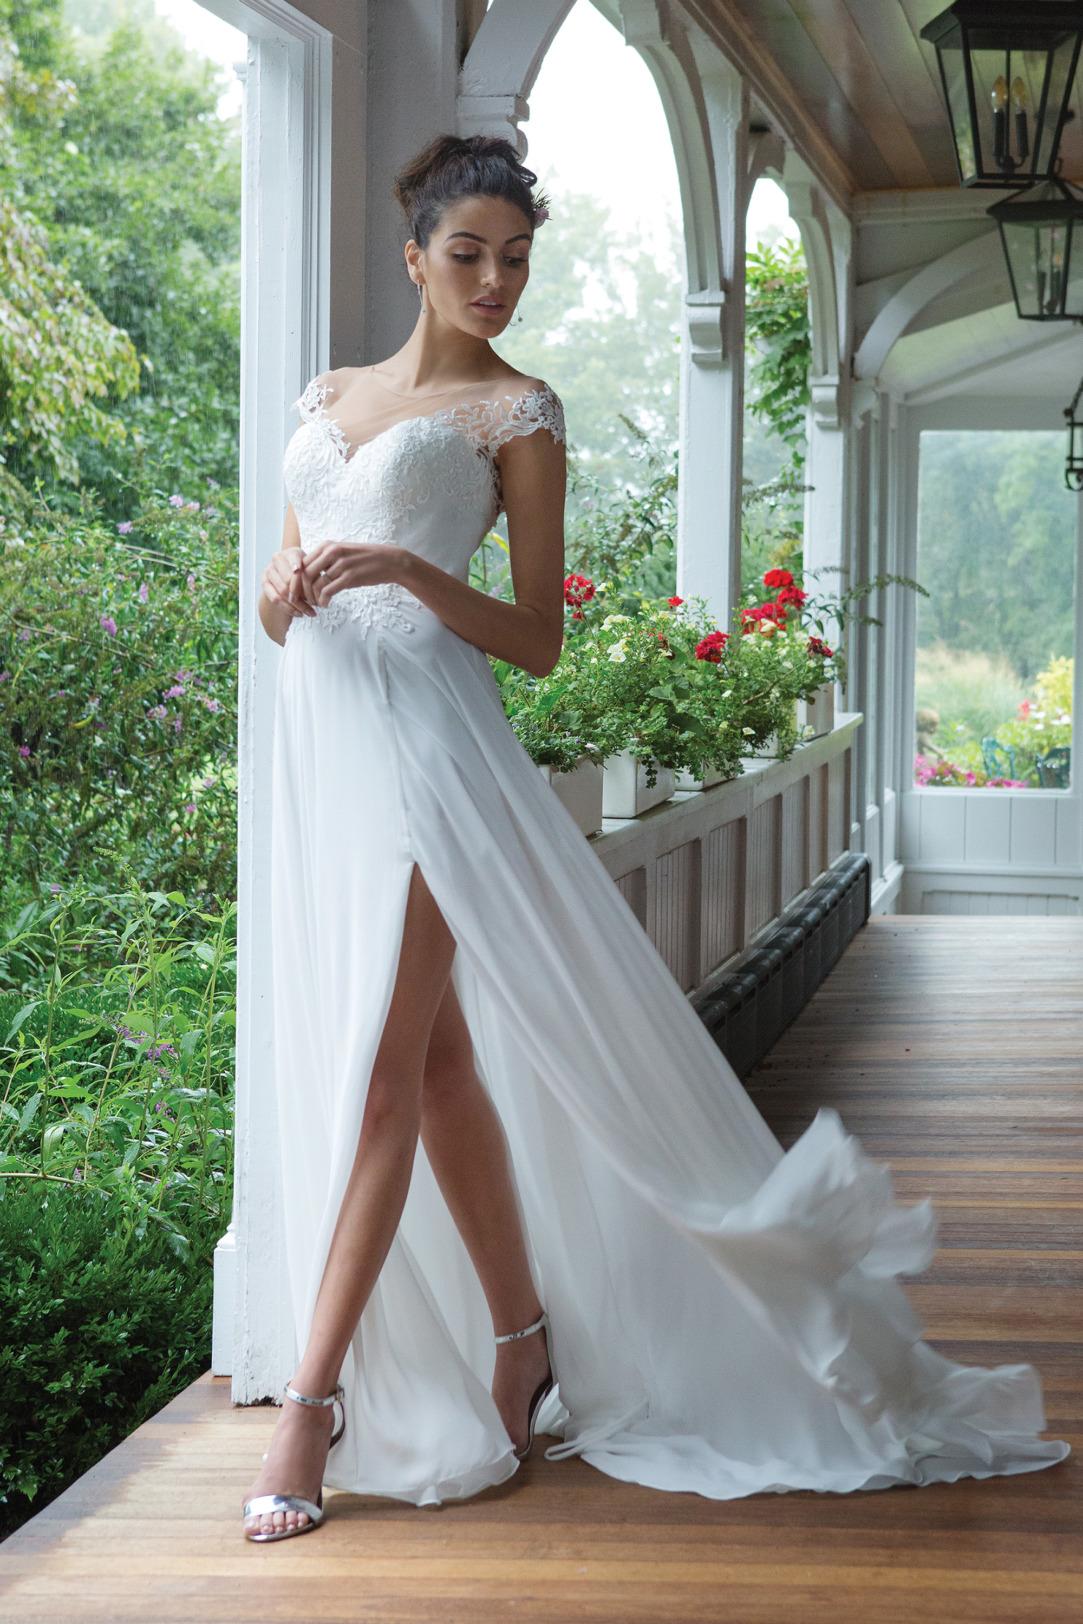 Brautkleider Hochzeitskleider Sincerity Empire Stil Style Form Spitze lang schlicht Vintage mit V Ausschnitt Spitzen Träger Chiffon Rock mit langem Schlitz kleine Schleppe